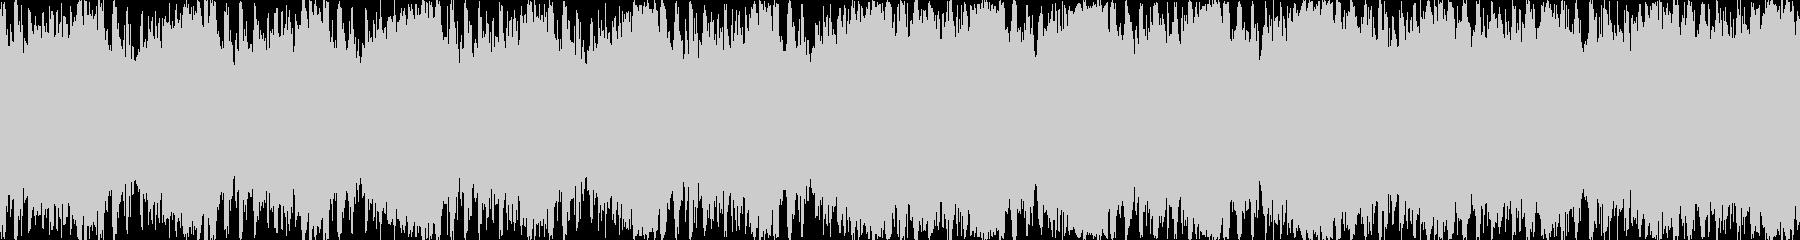 希望に満ちたポジティブな明るい曲 ループの未再生の波形